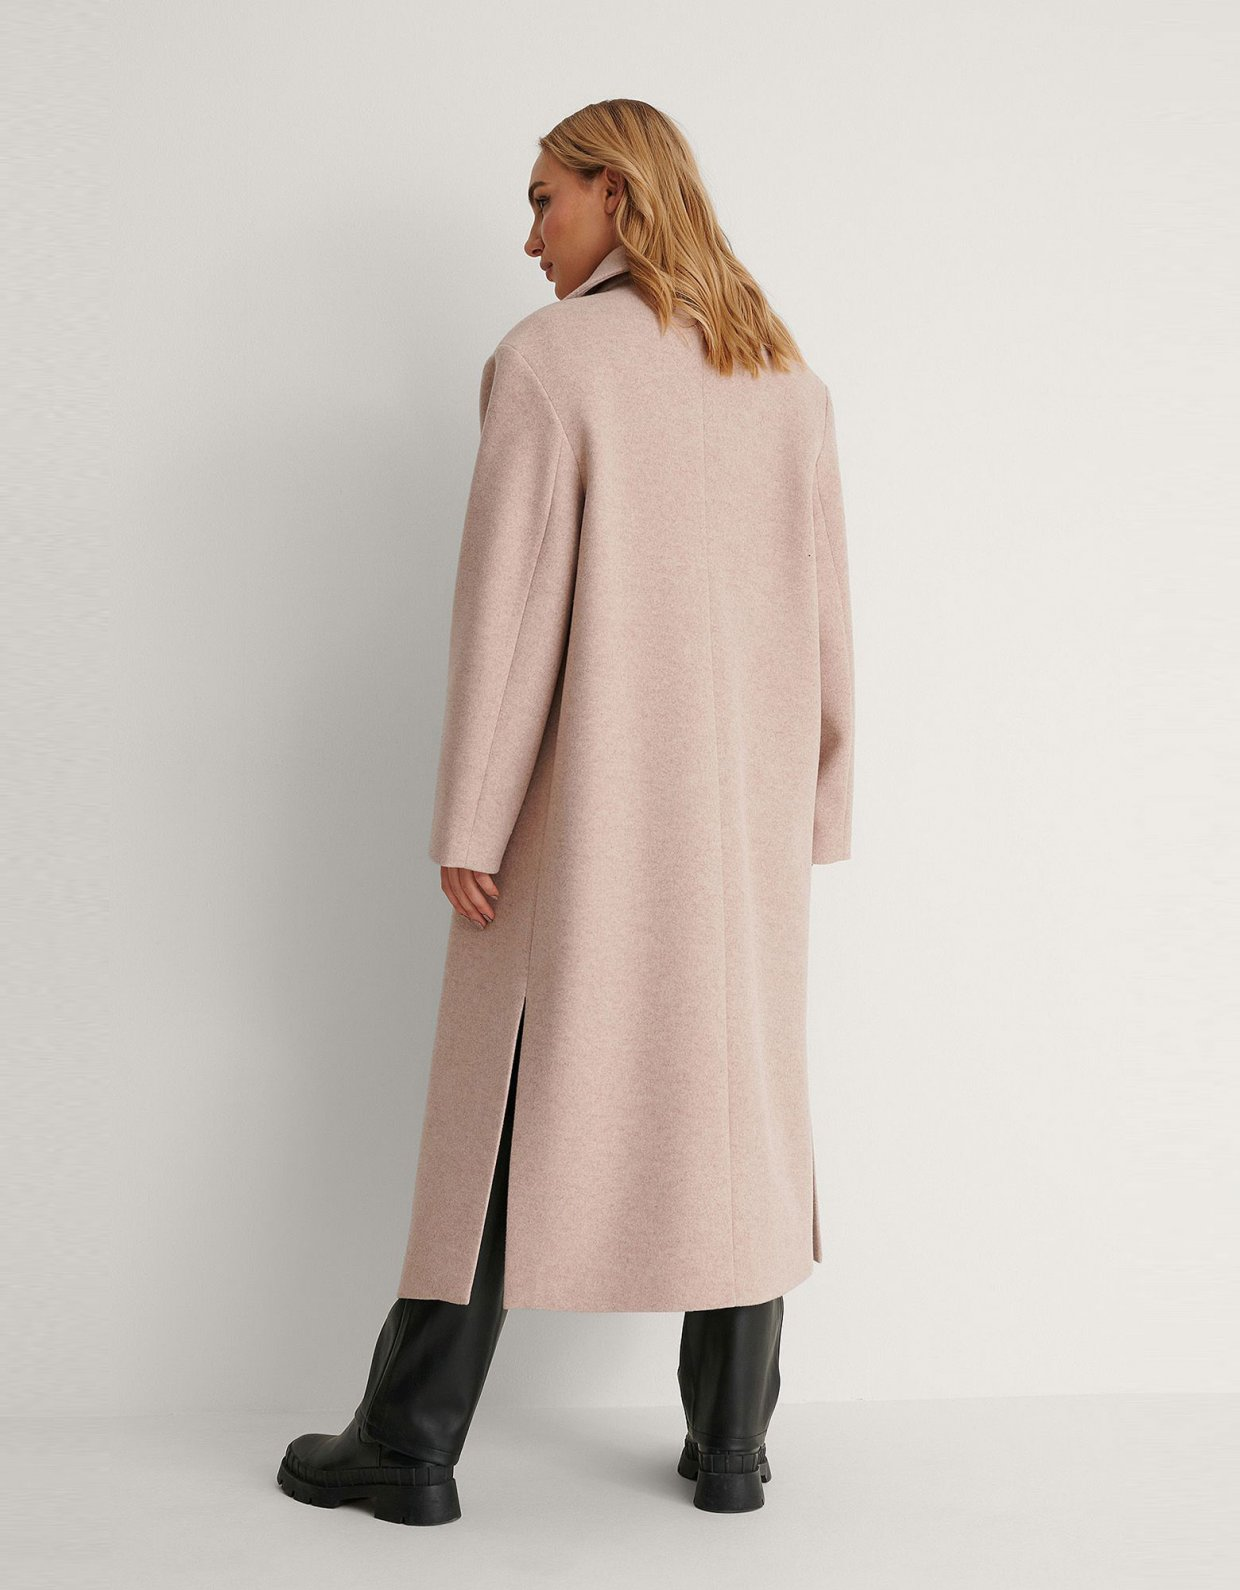 NA-KD Oversized side slit beige coat